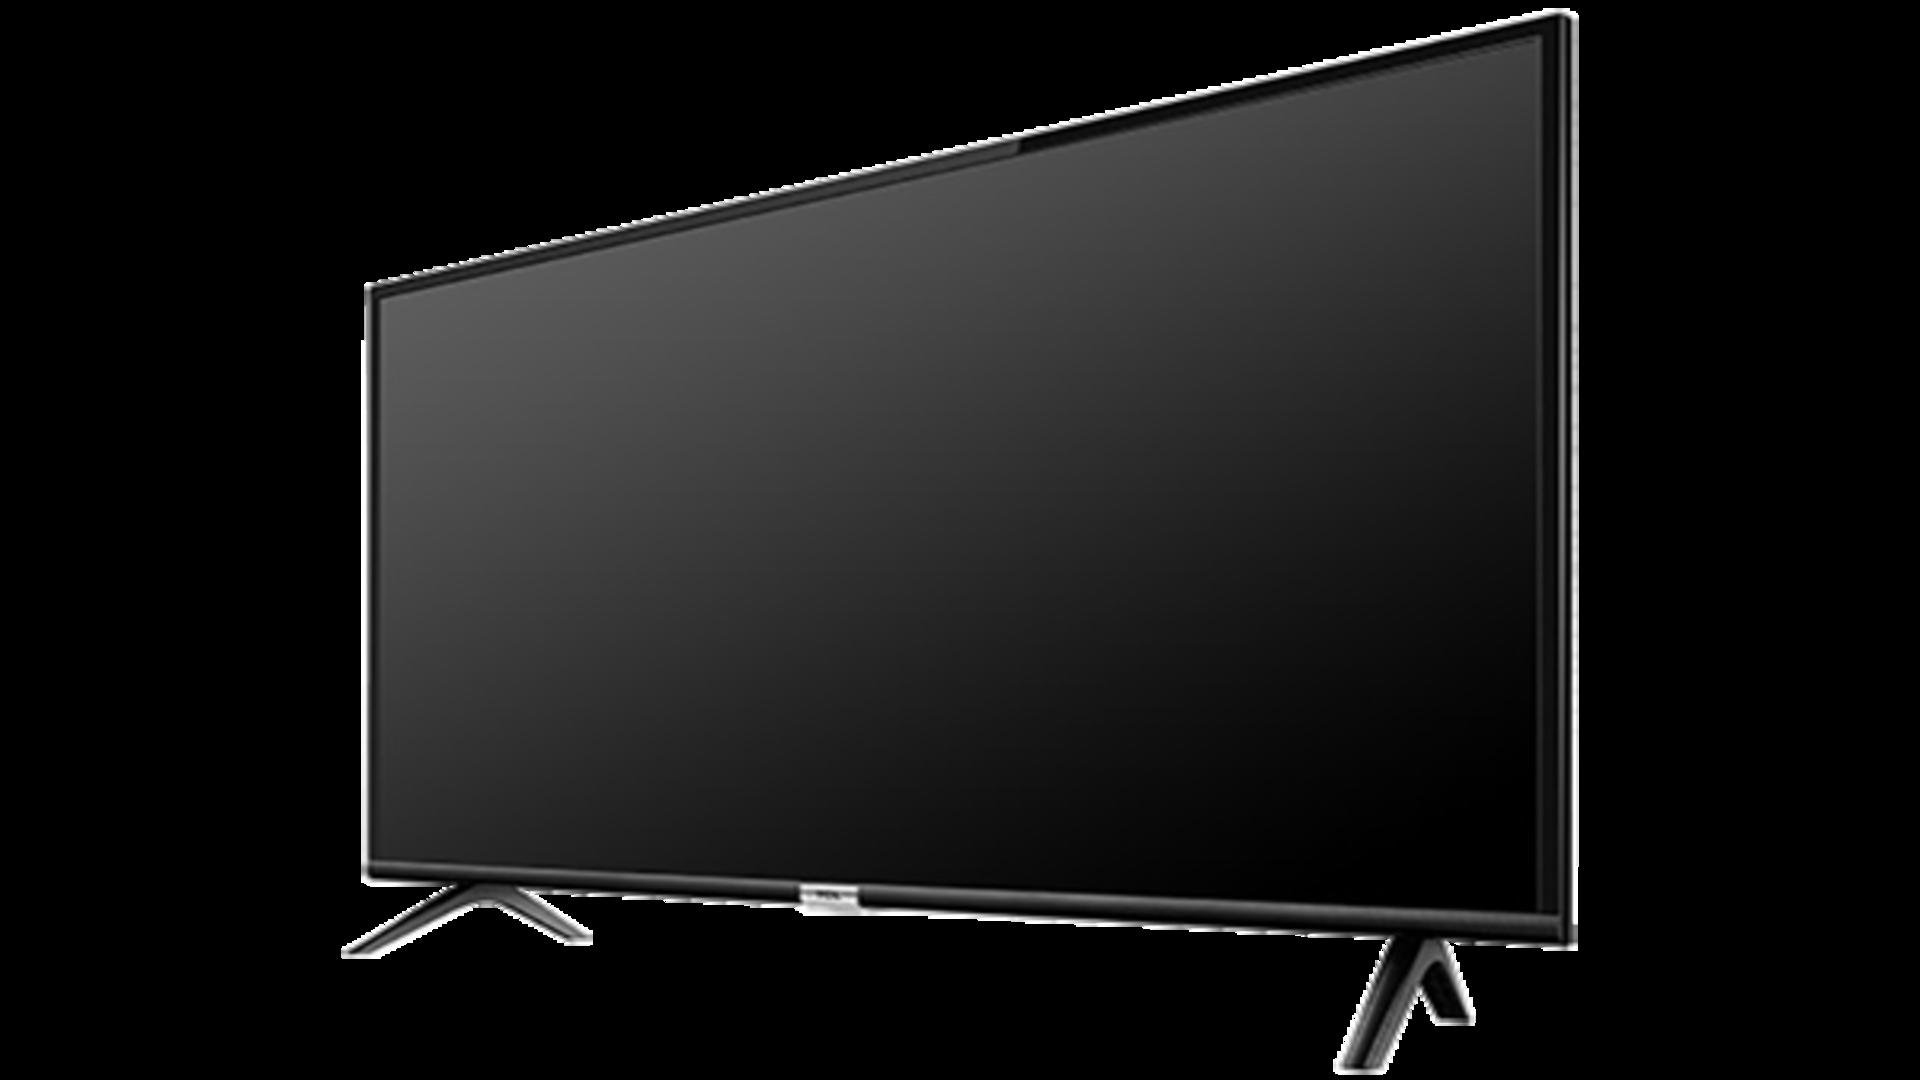 A TCL aposta em um design de espessura slim com borda fina para o modelo da smart TV S6500 (Imagem: Divulgação/TCL).